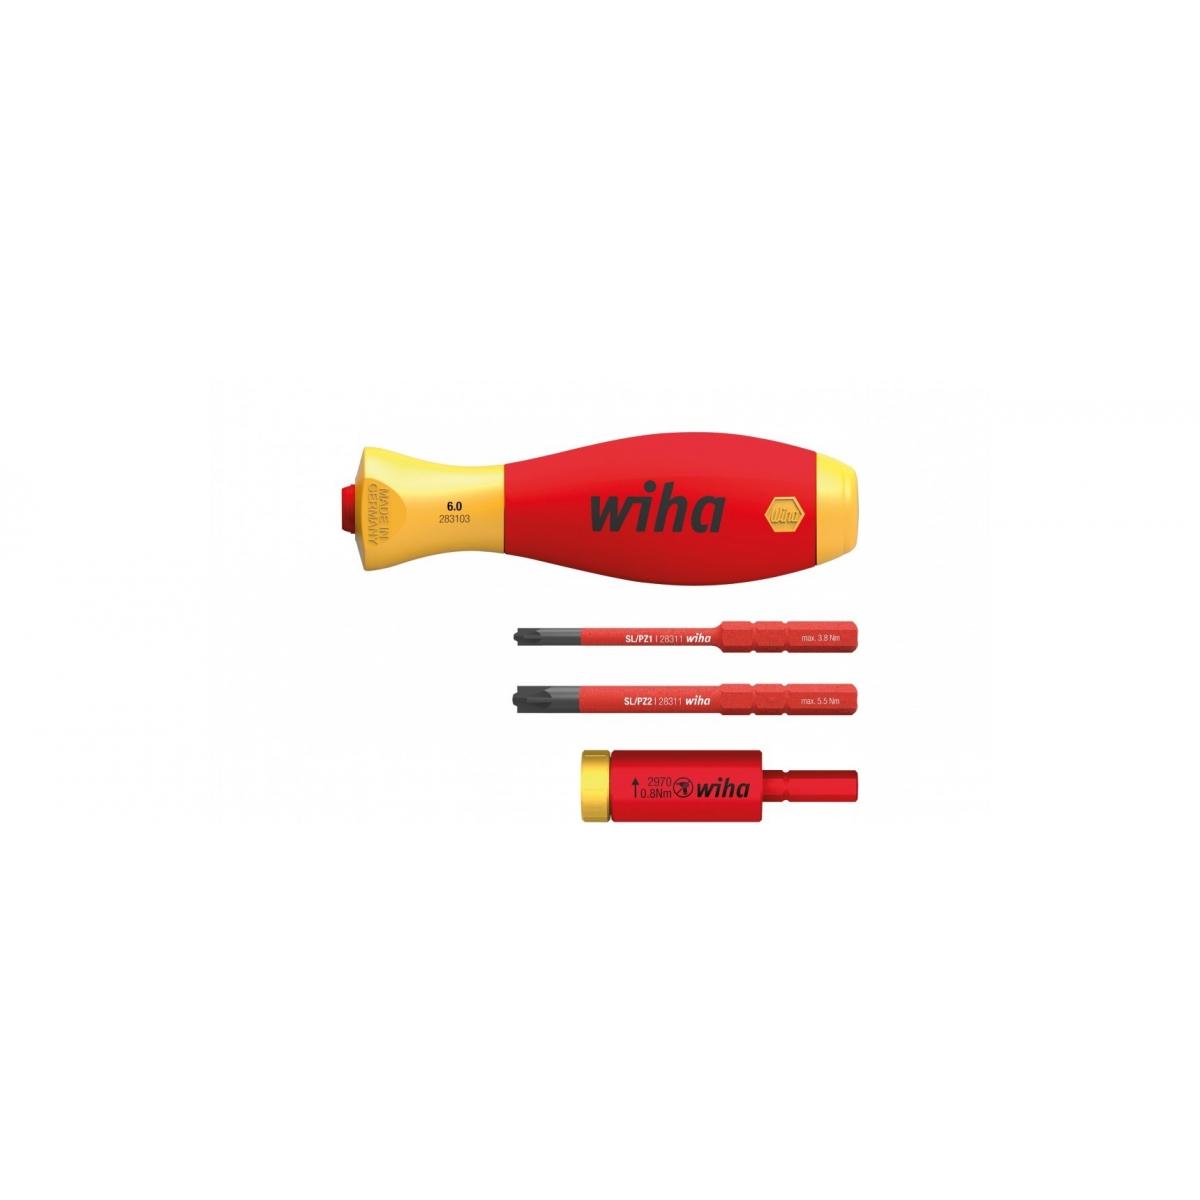 Zestaw adapterów dynamometrycznych easyTorque electric 29701 080 S4 Zestaw adapterów dynamometrycznych easyTorque electric 29701 080 S4